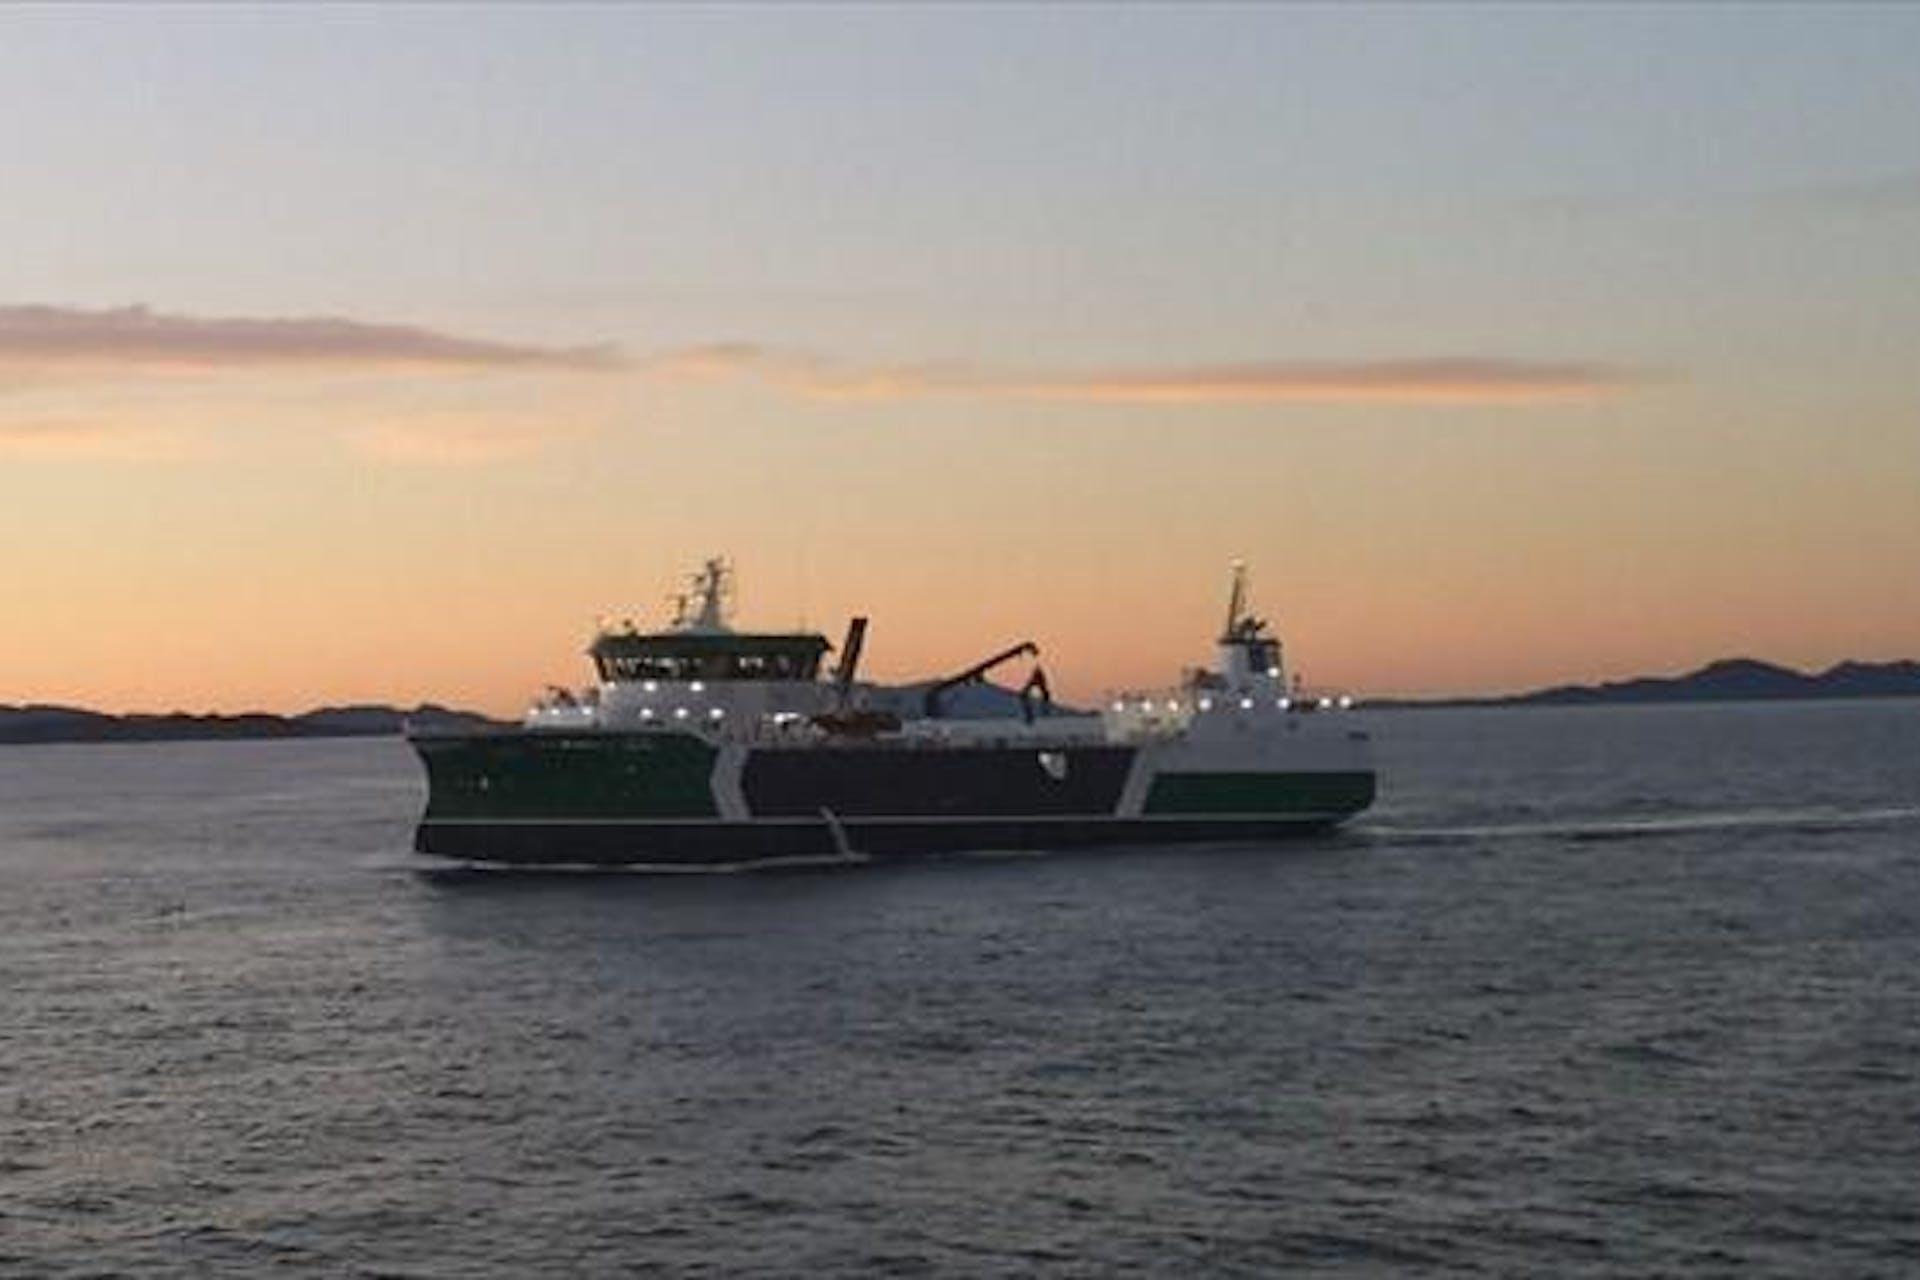 Camerasystem for wellboat